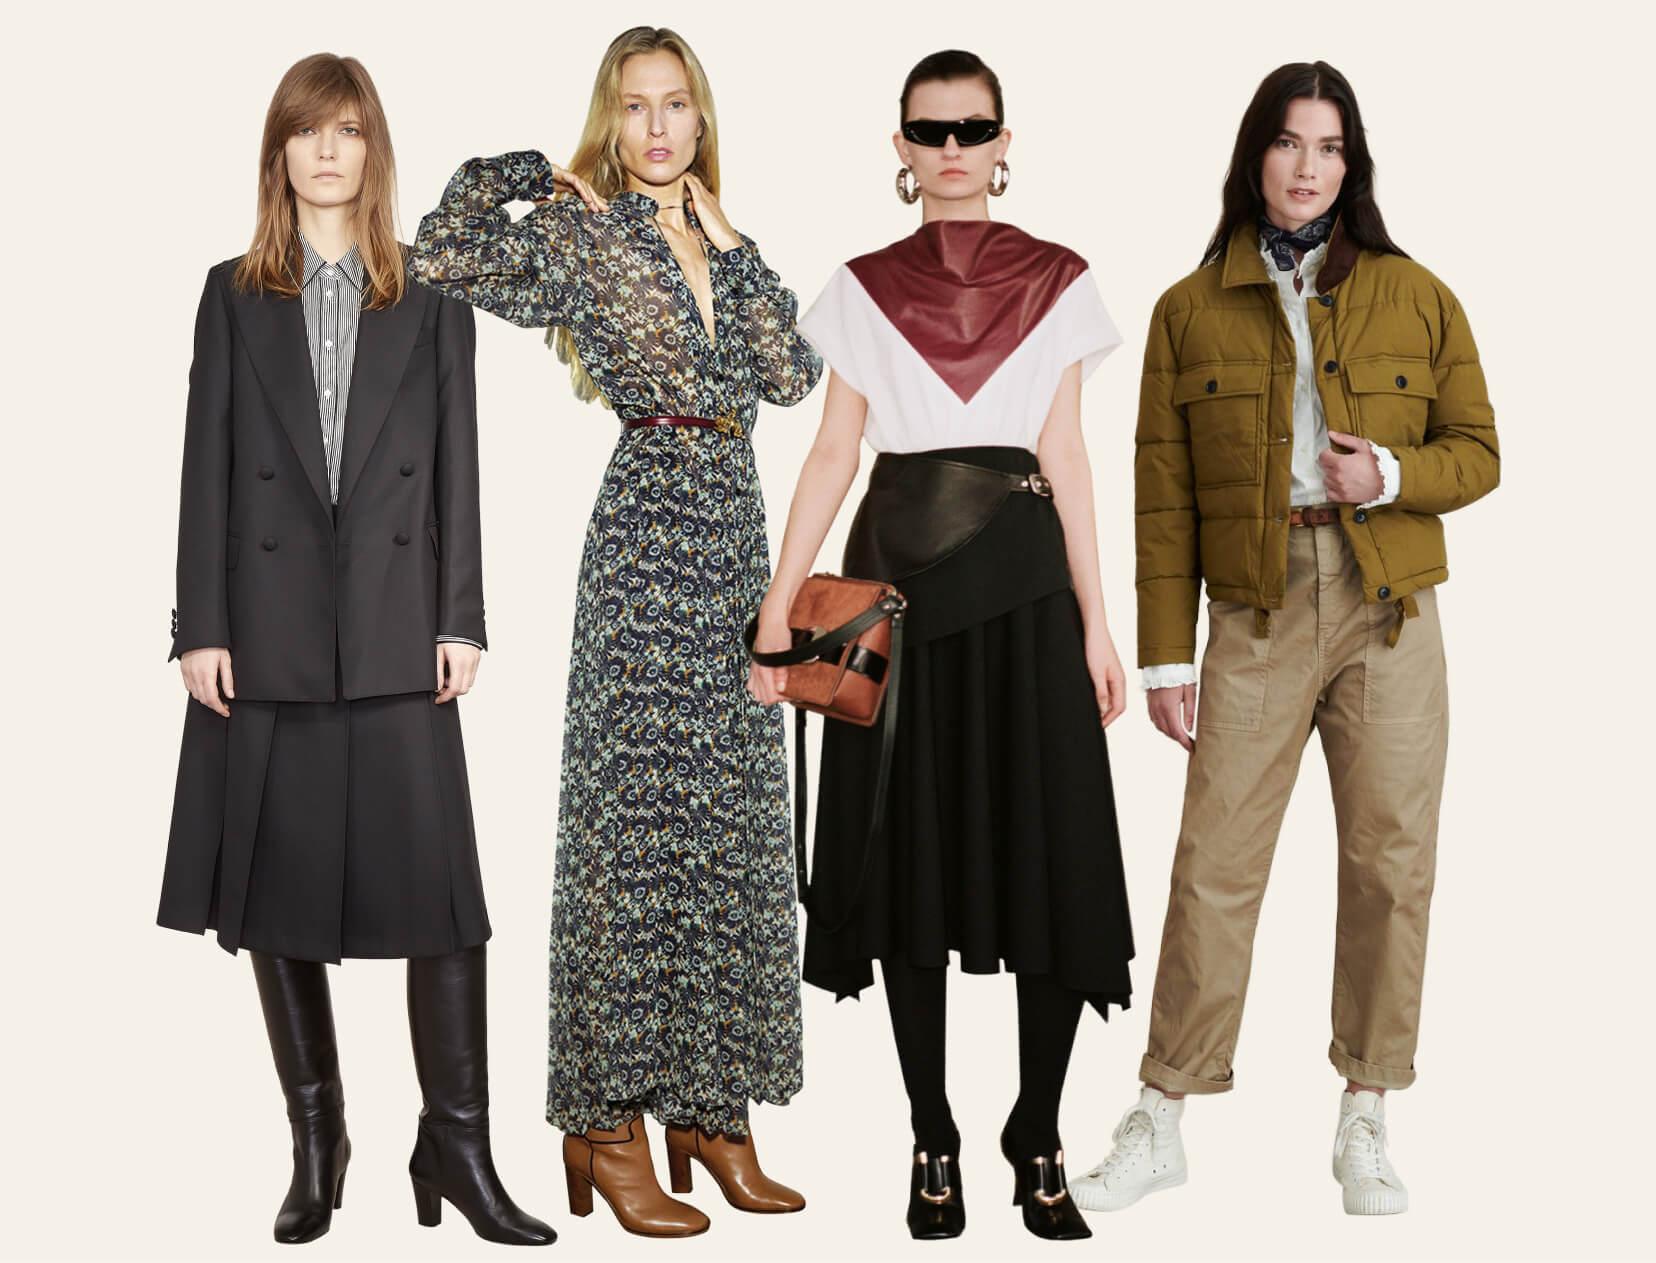 mujeres en trajes de otoño